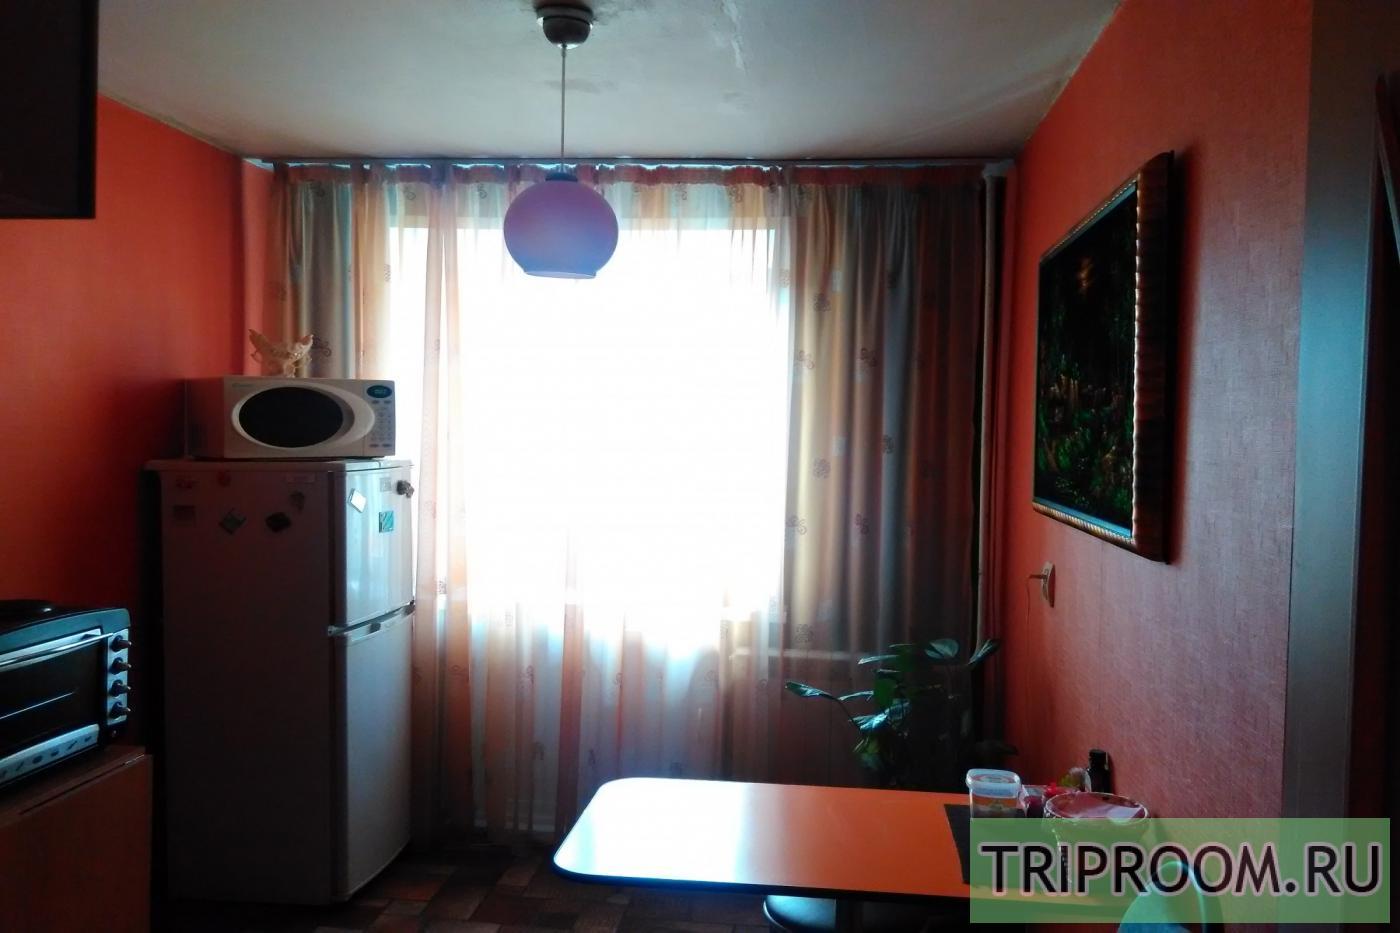 1-комнатная квартира посуточно (вариант № 22601), ул. Гладкова улица, фото № 5